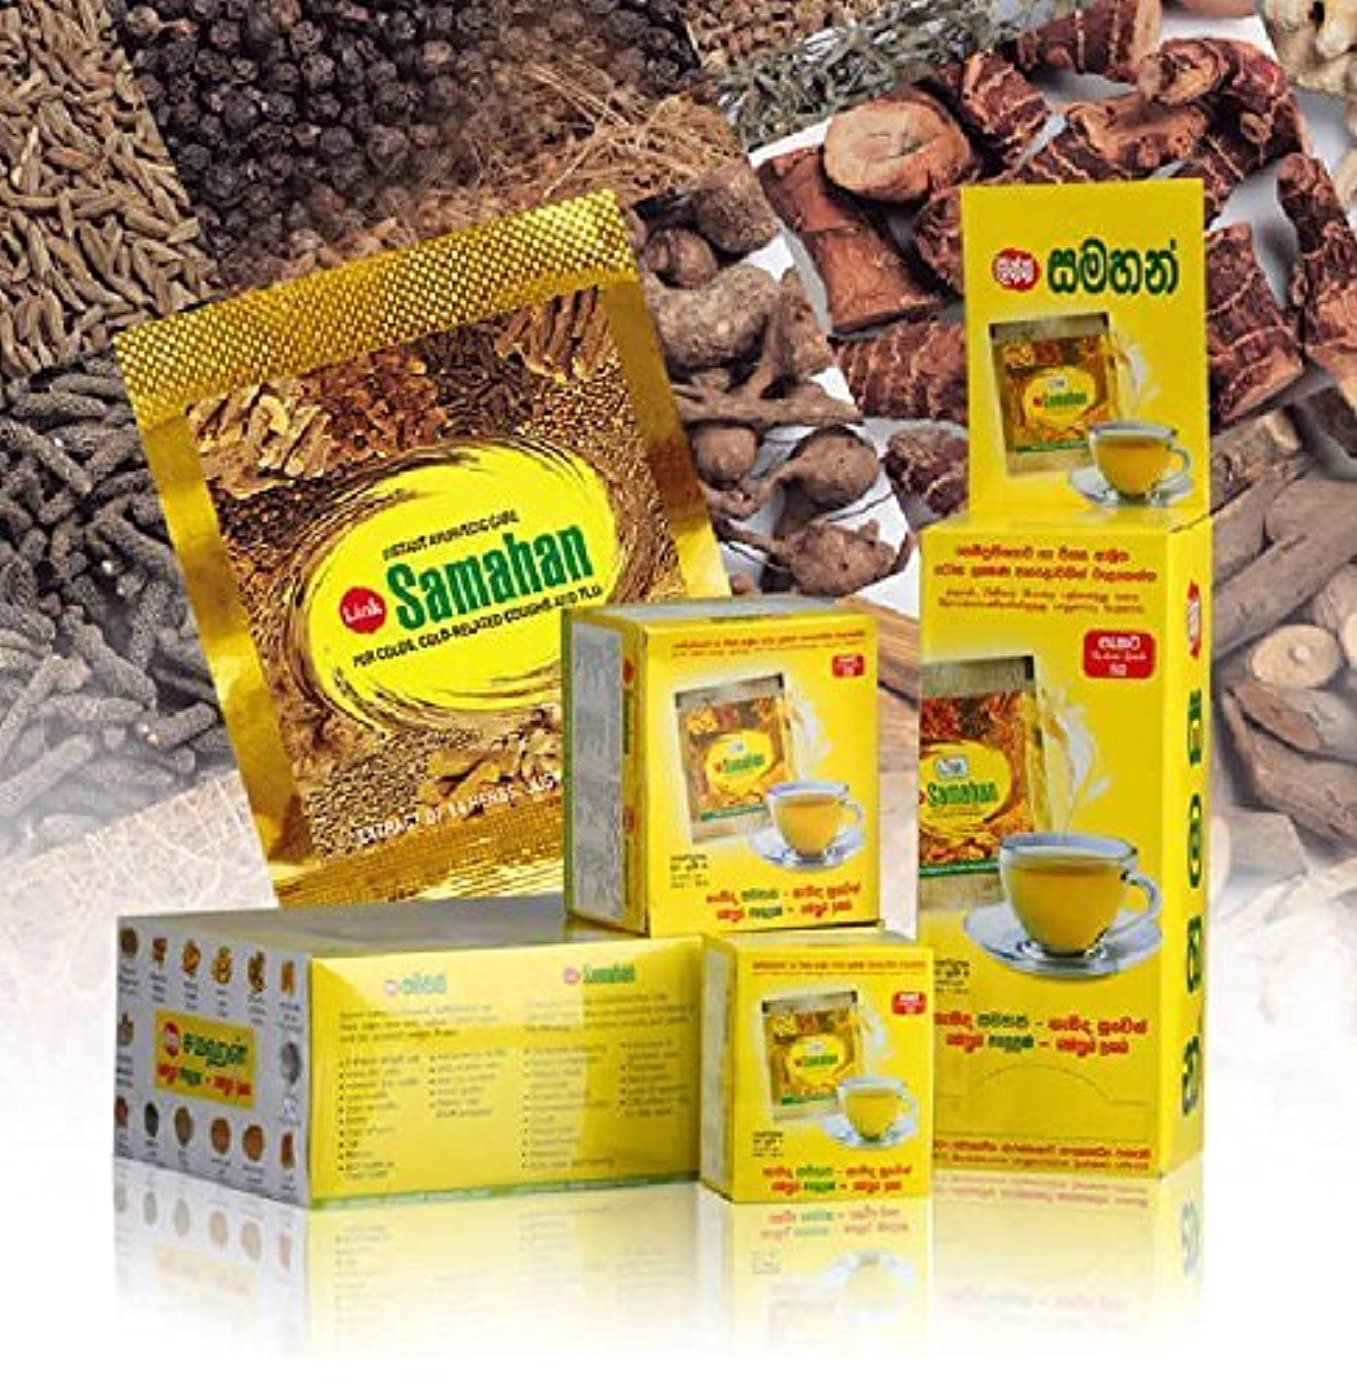 六合金リゾート25 Packs Link Samahan Ayurvedic Herbal Tea Packets by link natural